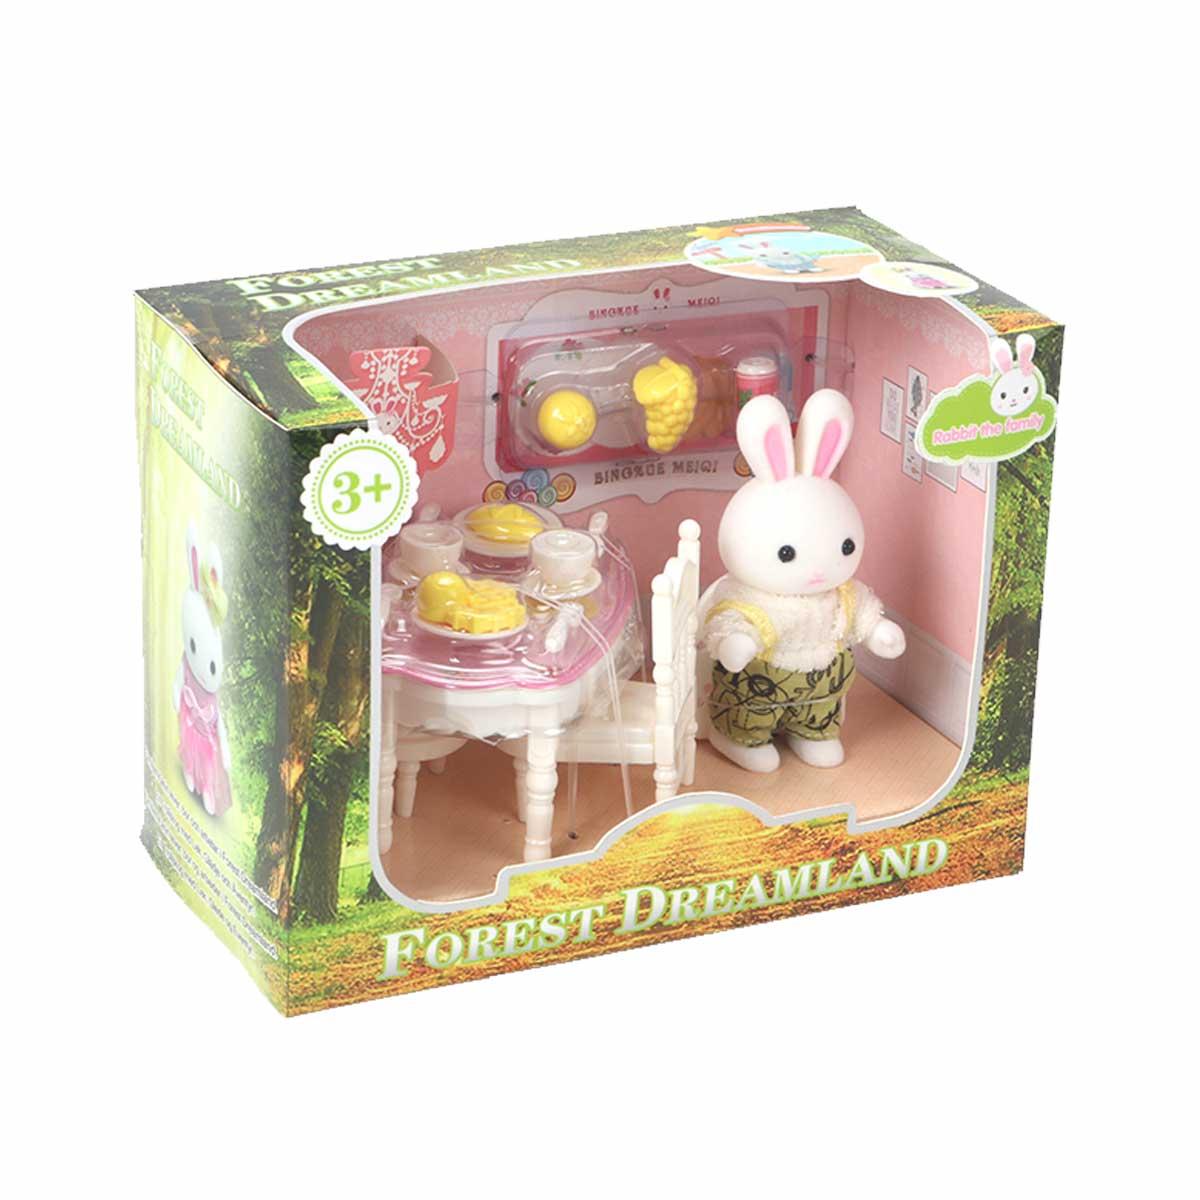 Forest Dreamland, Kanin med Stol & bord